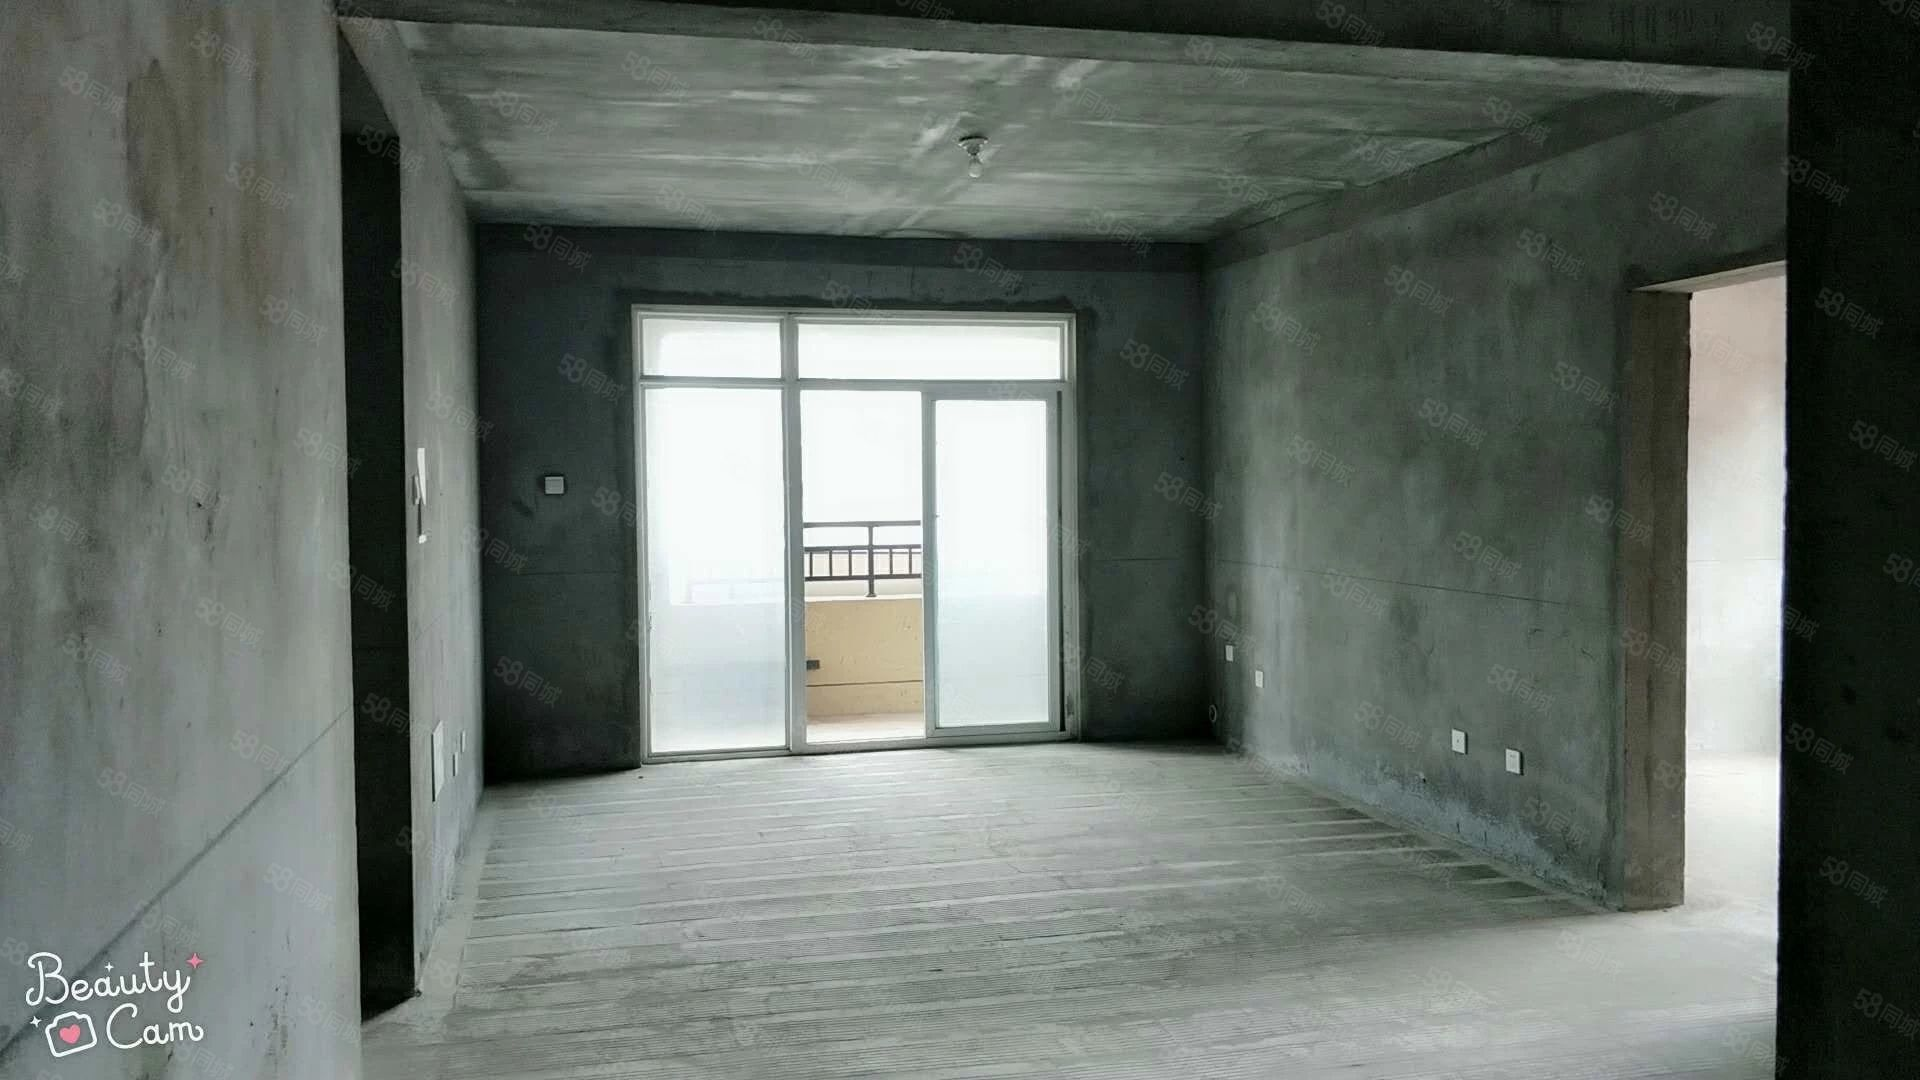 急急急,绿城兰园洋房东边户一手房,四室两厅双卫,户型超好。